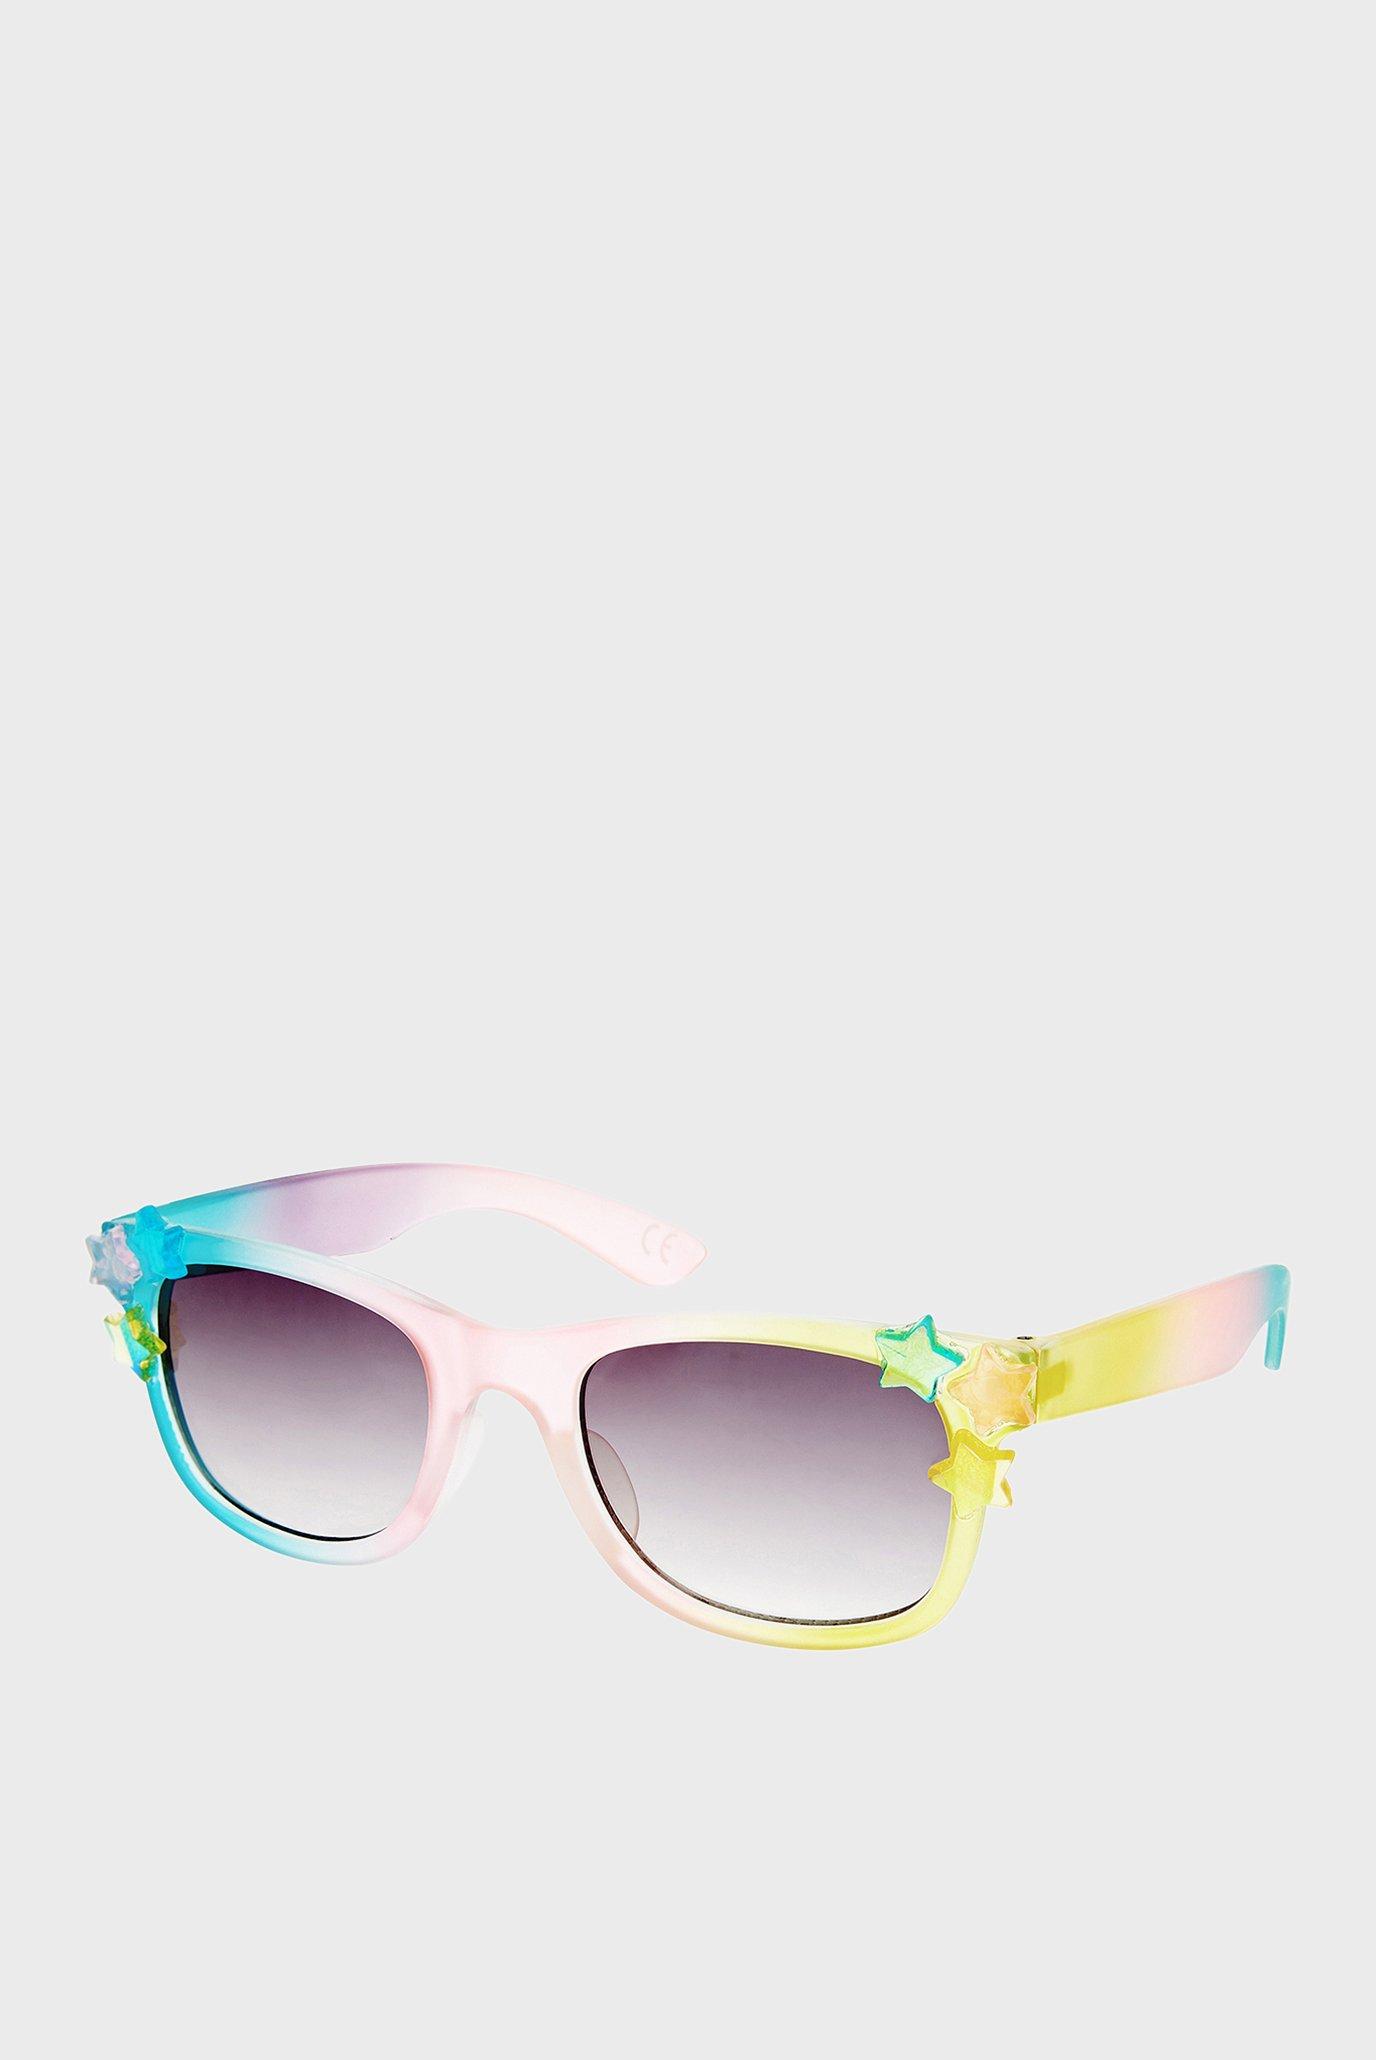 Дитячі сонцезахисні окуляри RAINBOW STAR WAYFARE 1